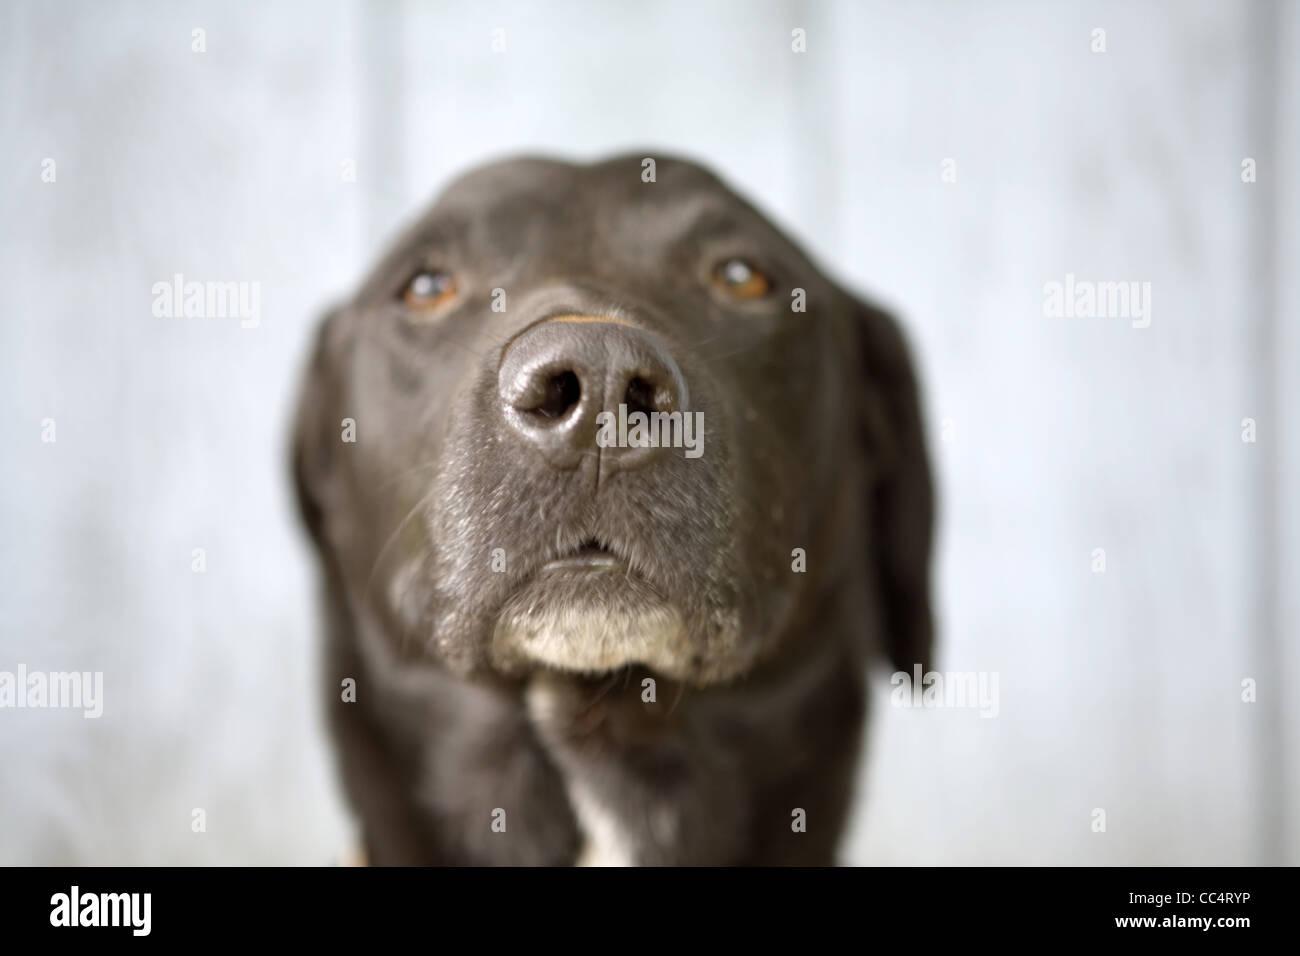 Black Dog Mug Shot - Stock Image